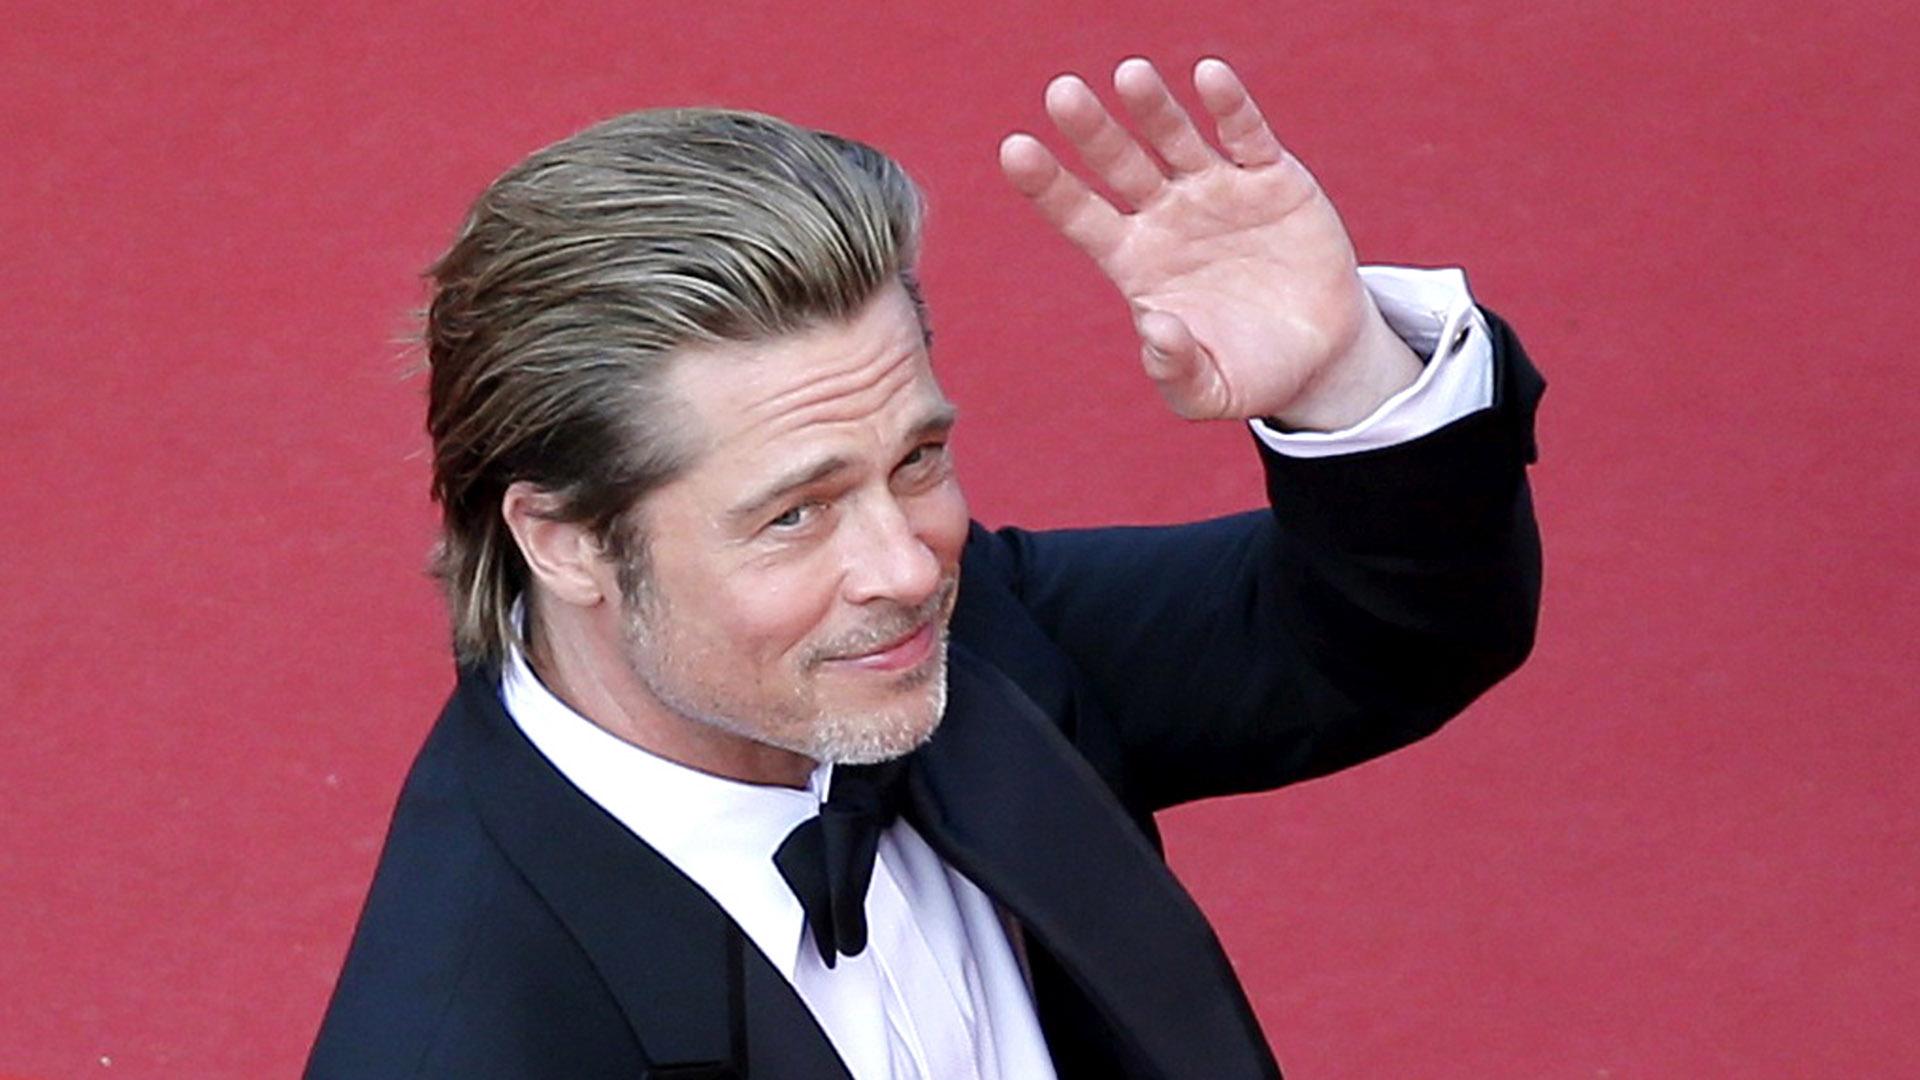 Brad Pitt, de 55 años, se tomó fotos y filmó autógrafos a sus admiradores(Reuters)